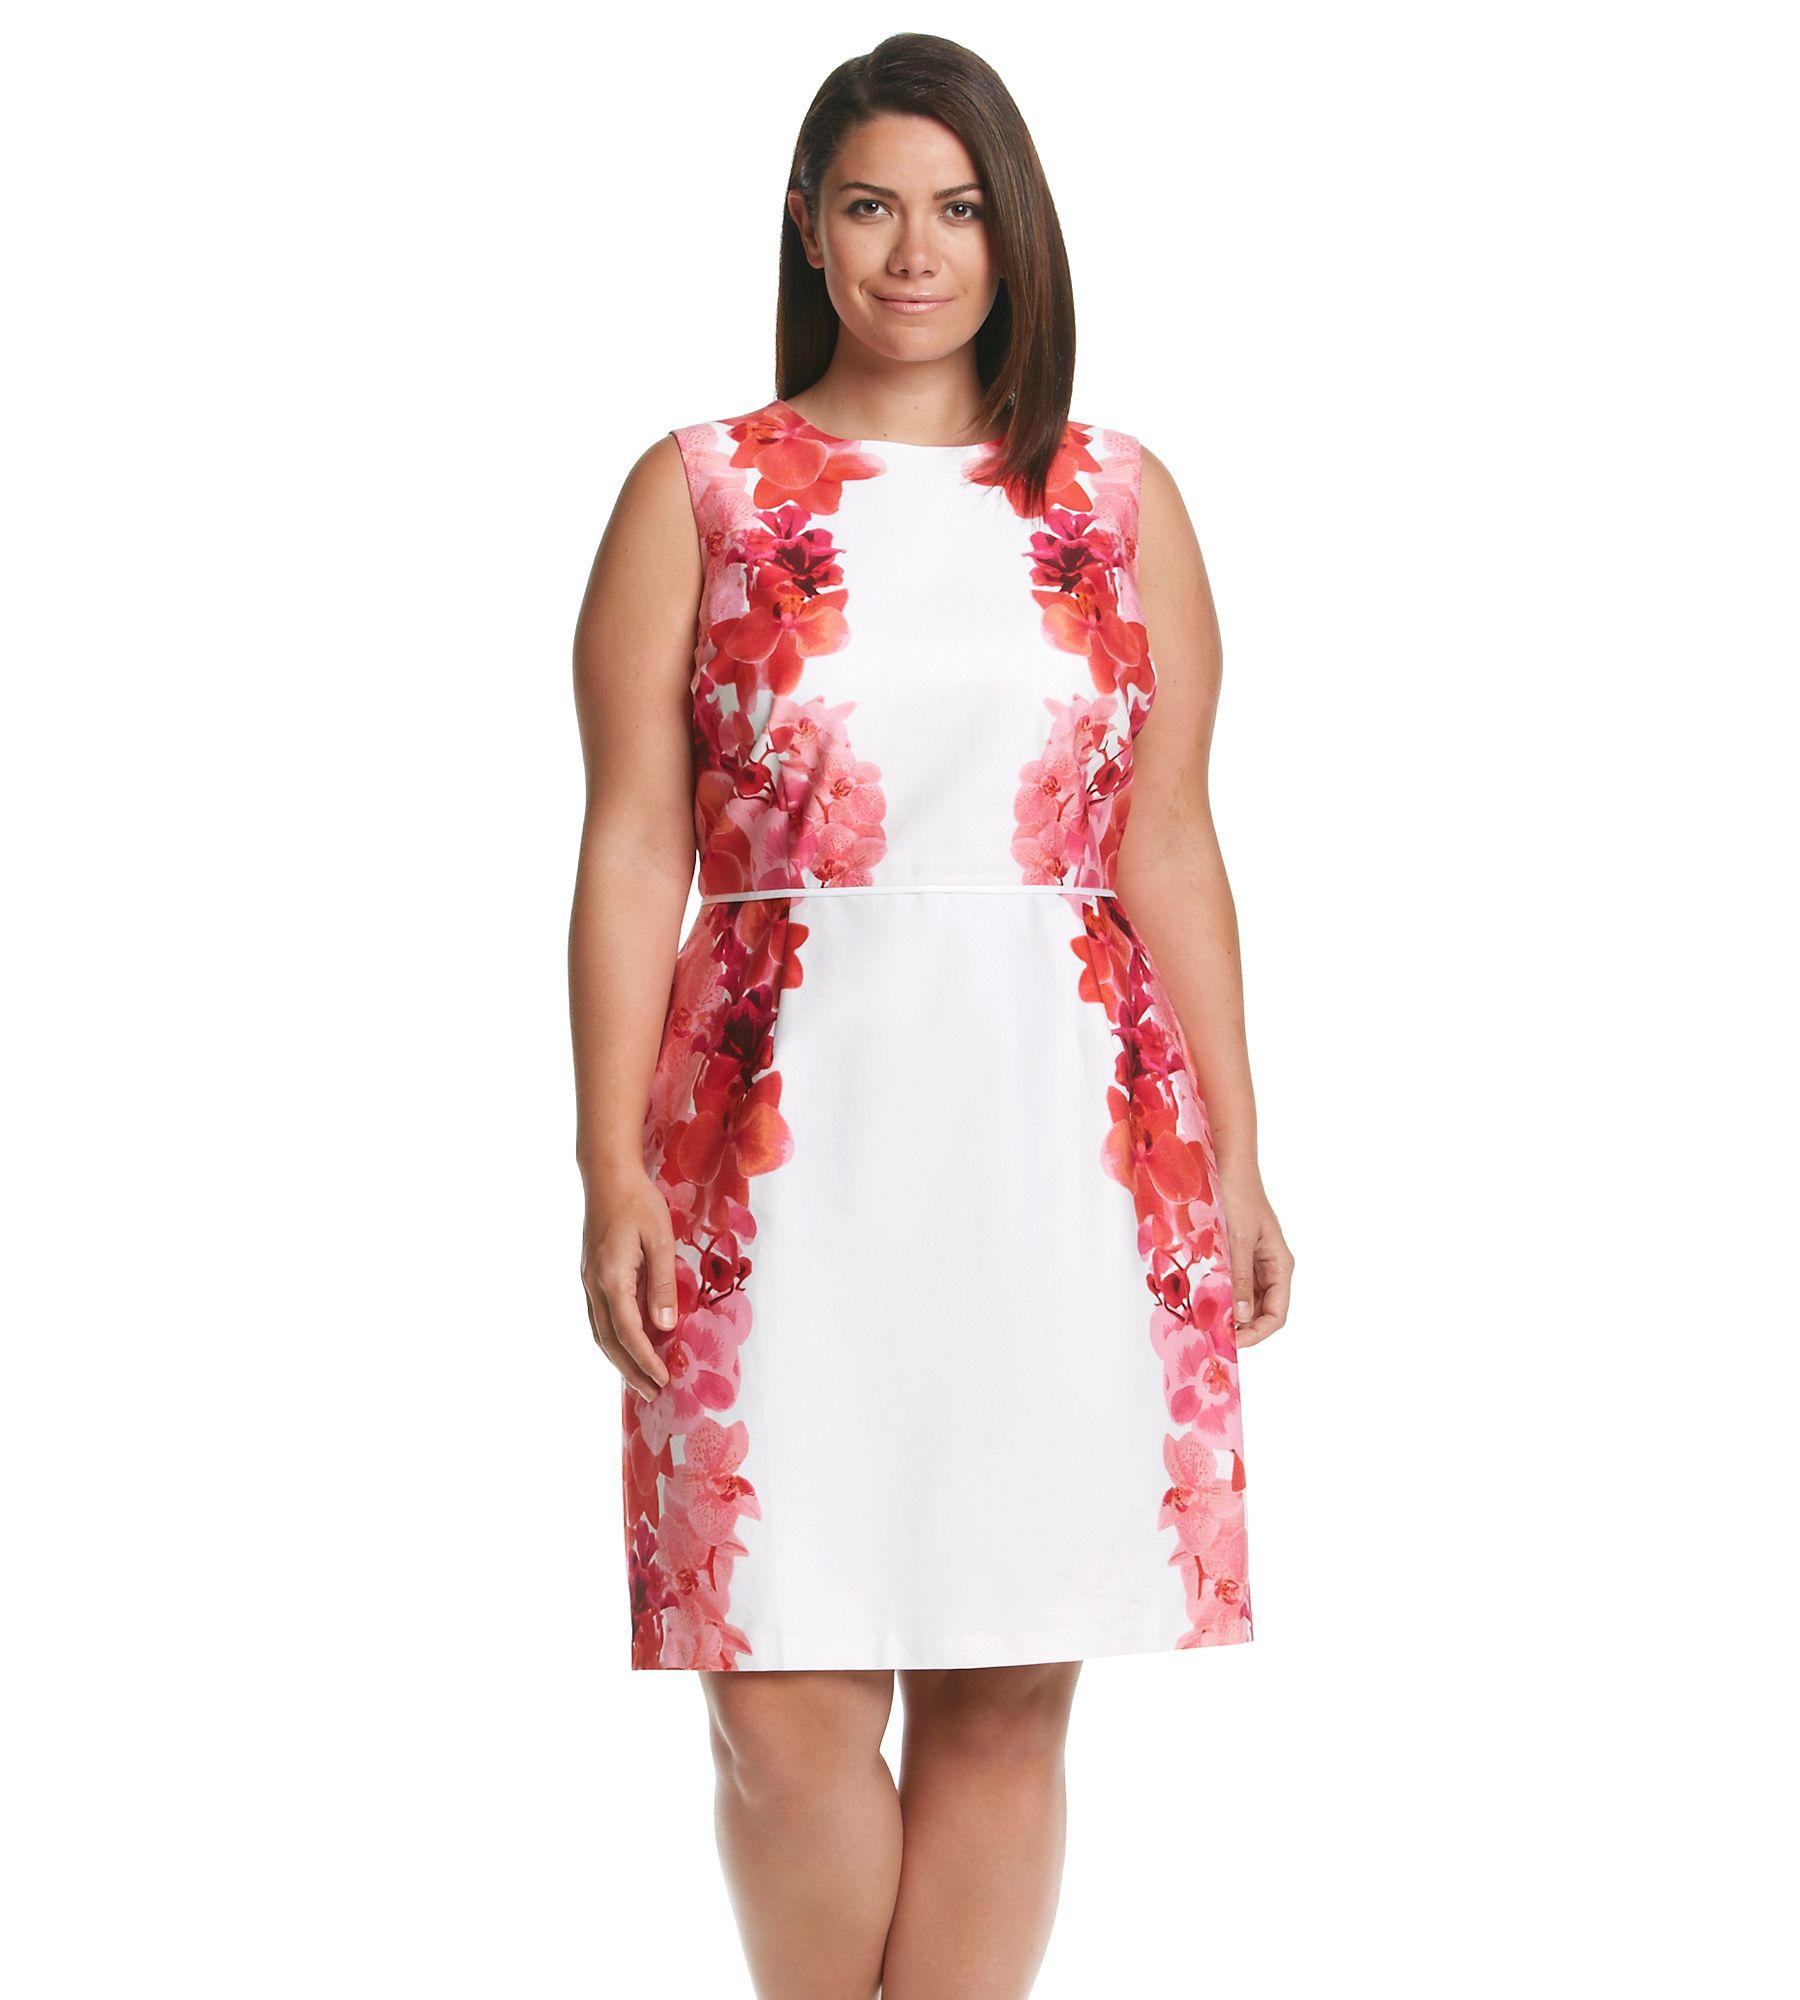 DRESSES - Short dresses Calvin Klein Buy Online Outlet Inexpensive Pre Order Cheap Online YJuWe2LvN4